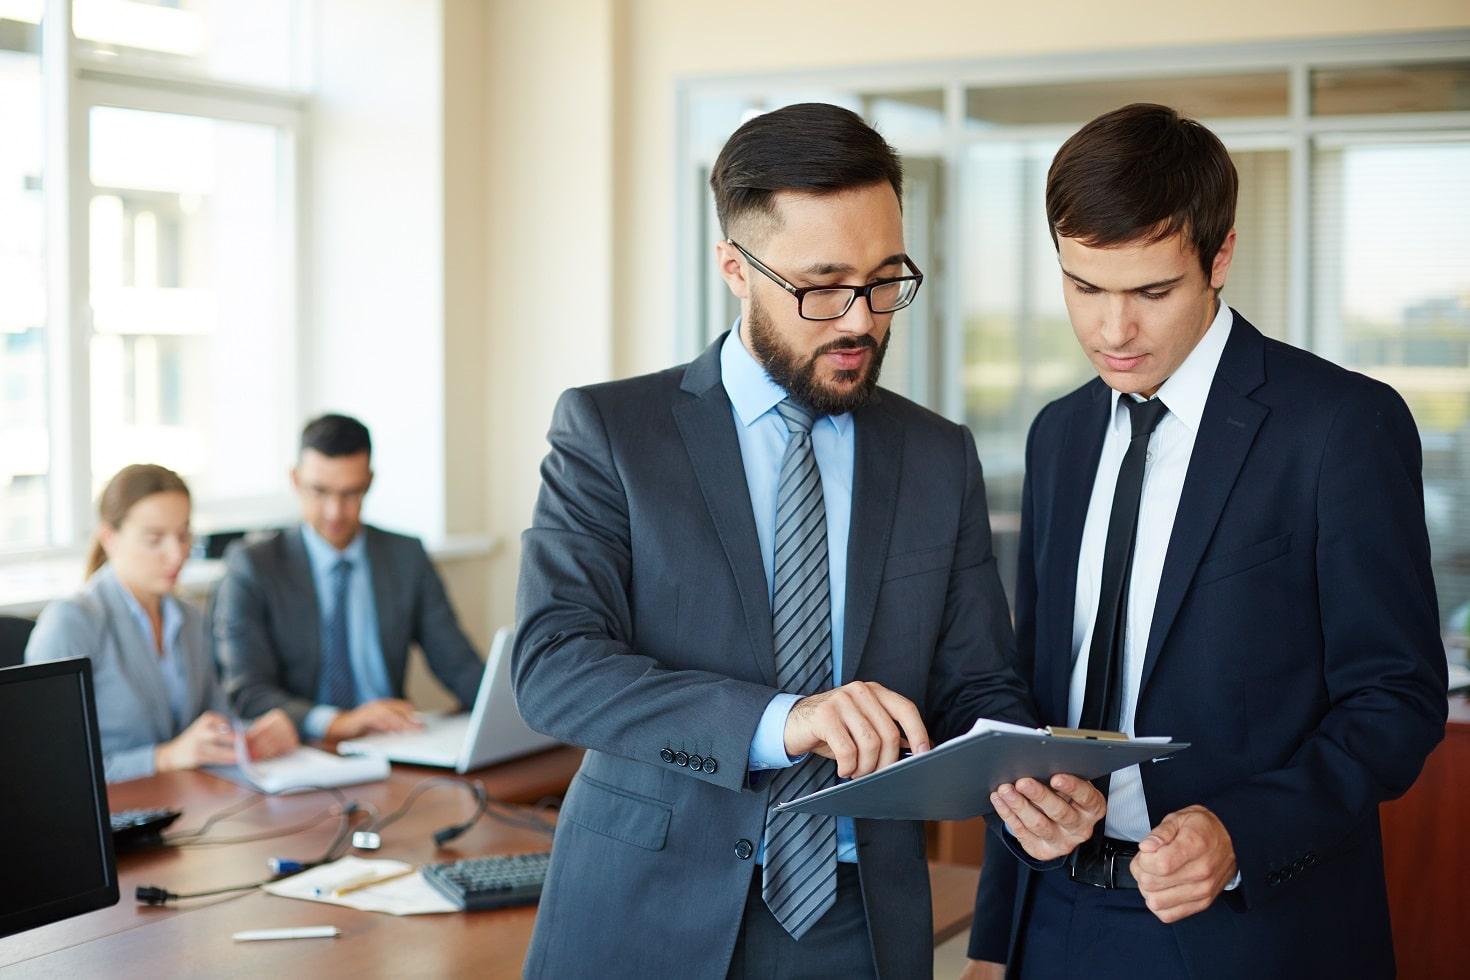 leasesoramos erp cursos modulos sistema contabilidad